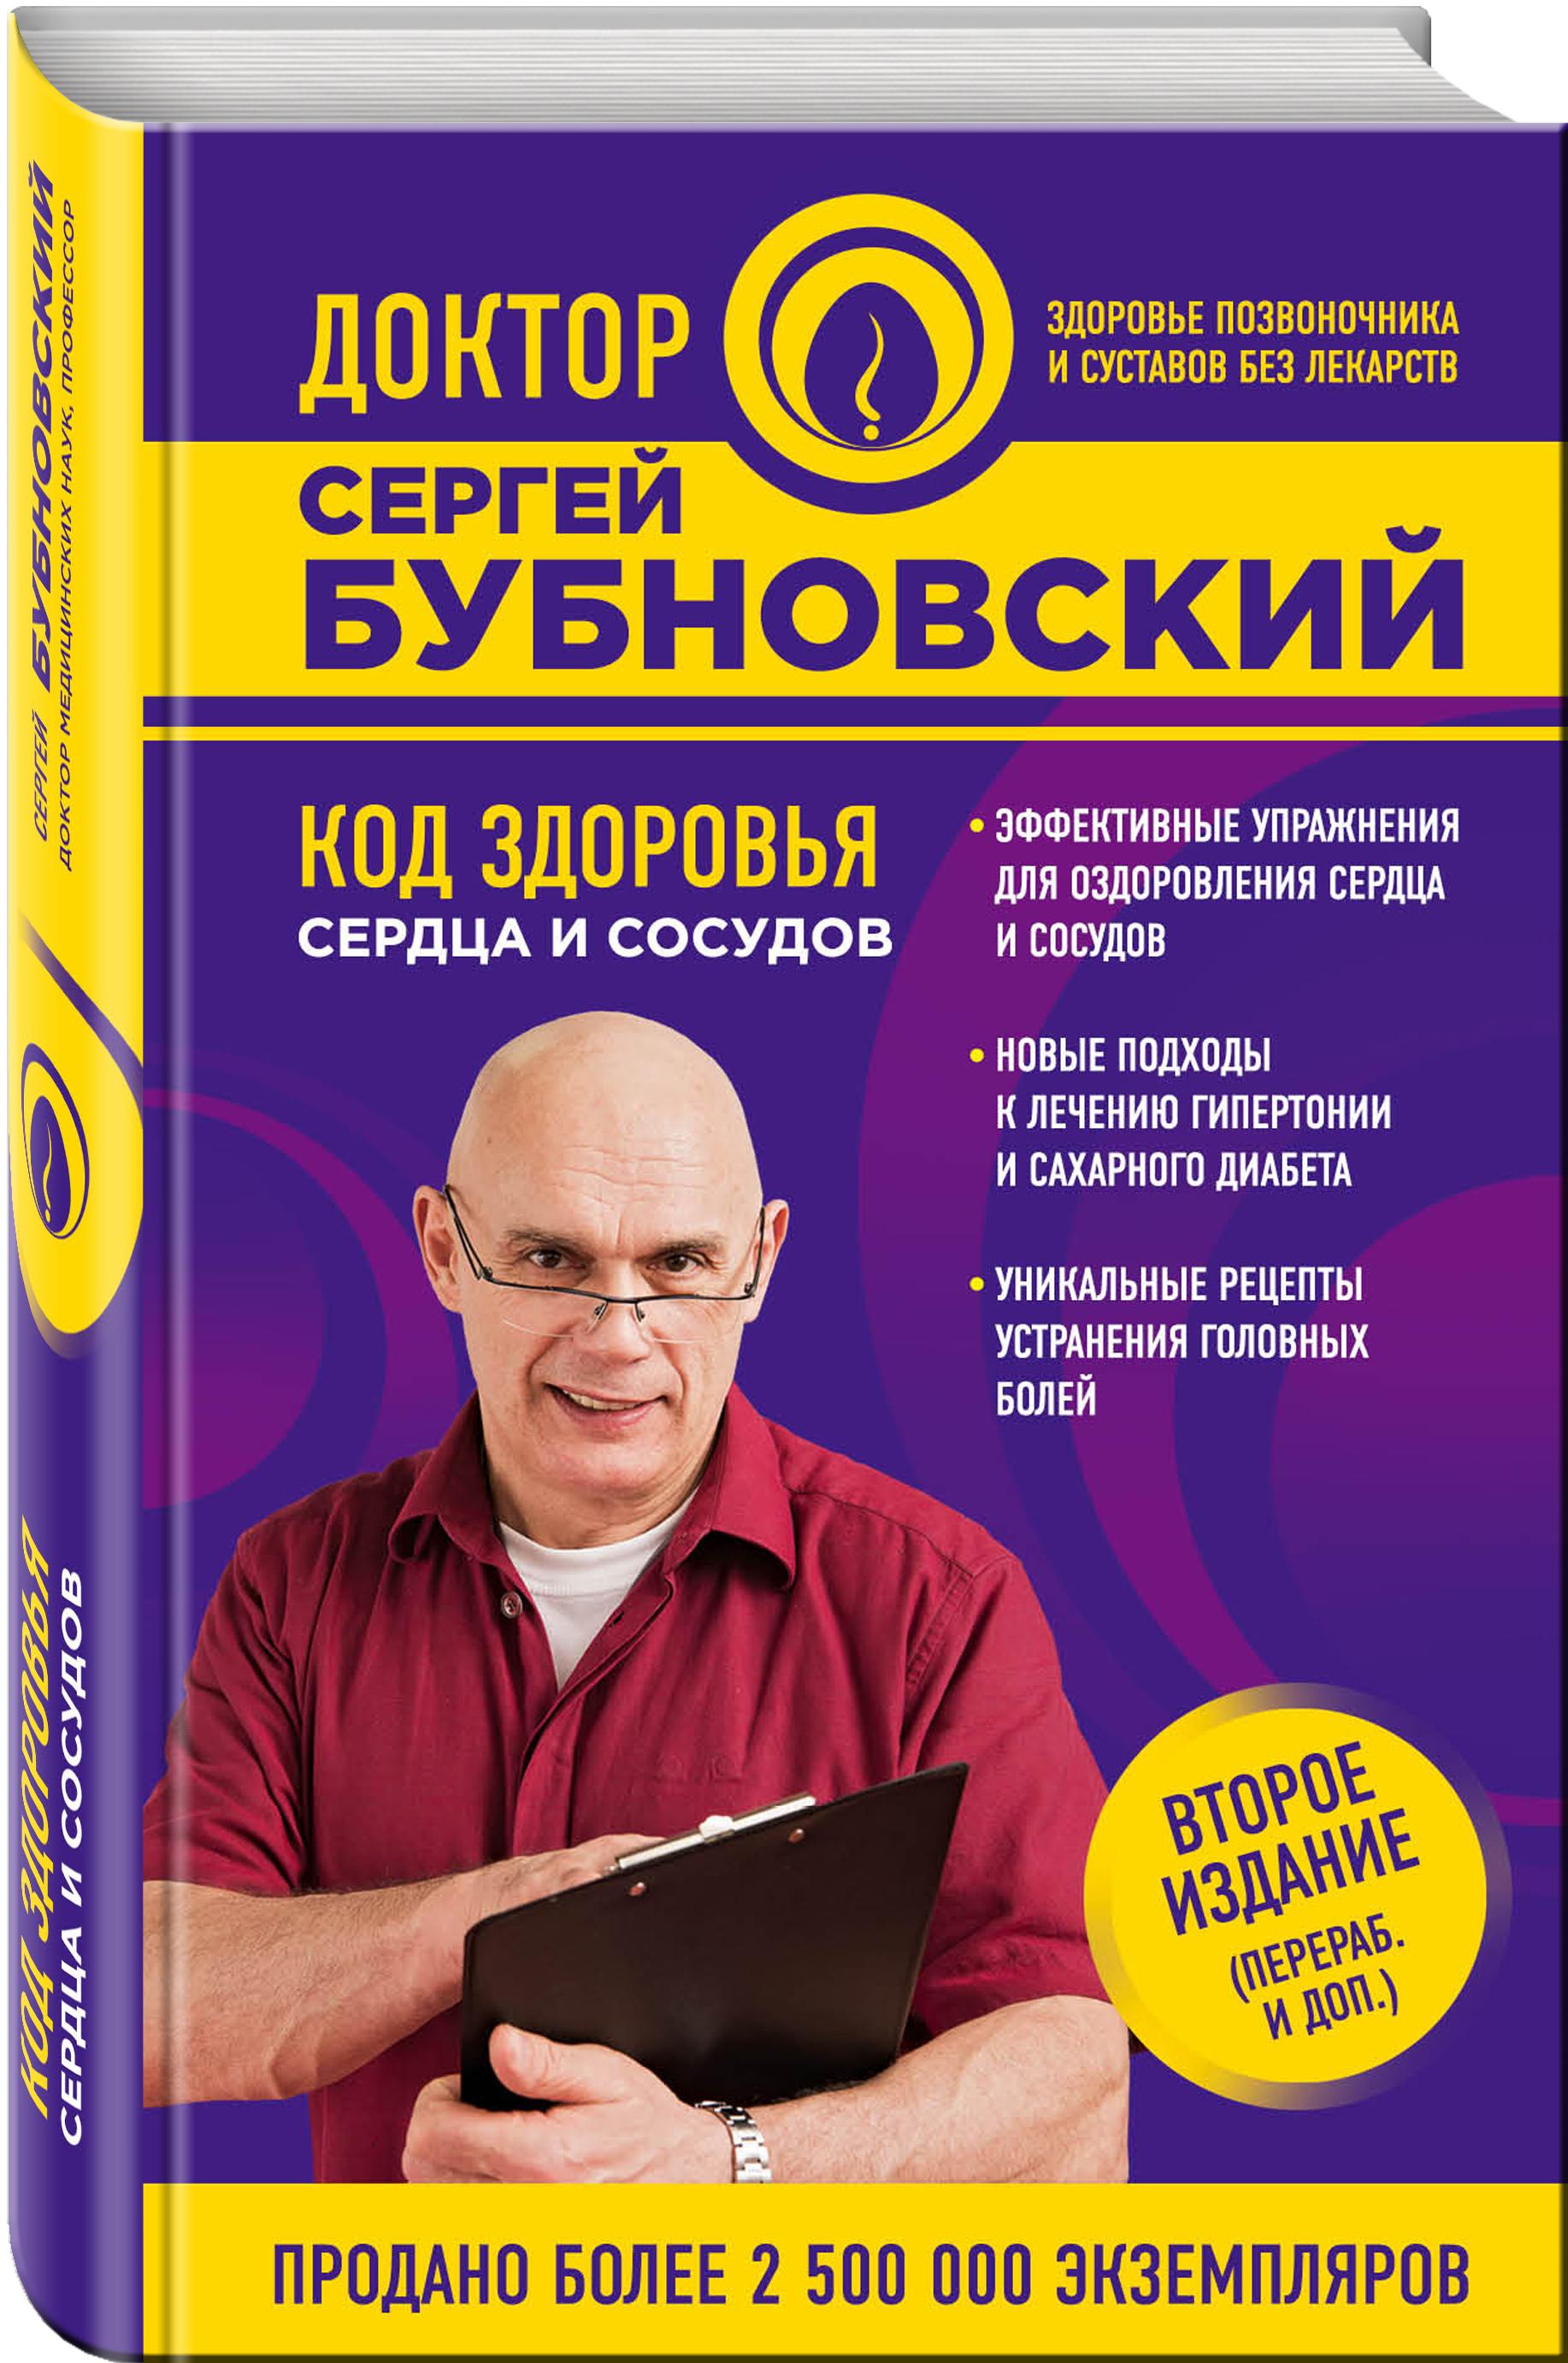 Бубновский С.М. Код здоровья сердца и сосудов. 2-е издание кинезитерапия доктор бубновский тренажер